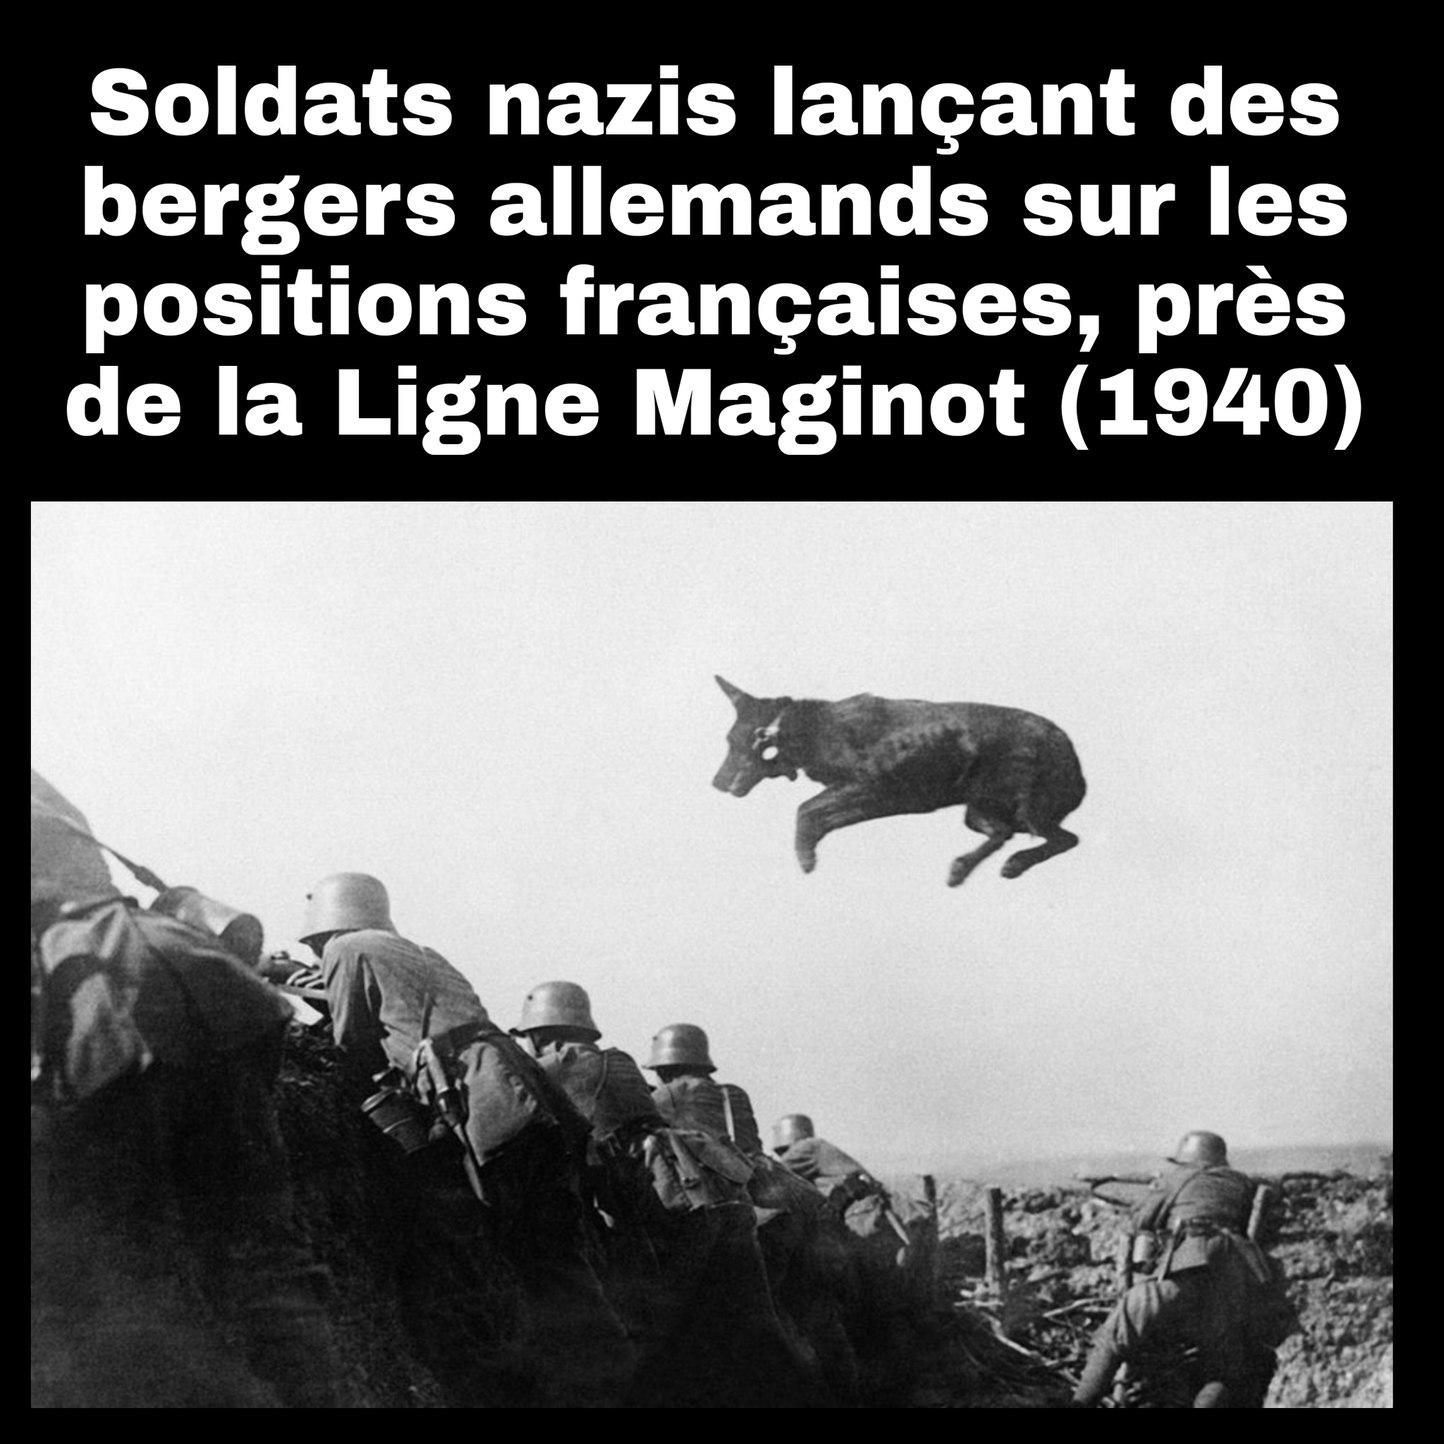 98% des bergers allemands sont des chiens. Le reste étant des bergers de profession qui vivent en Allemagne - meme